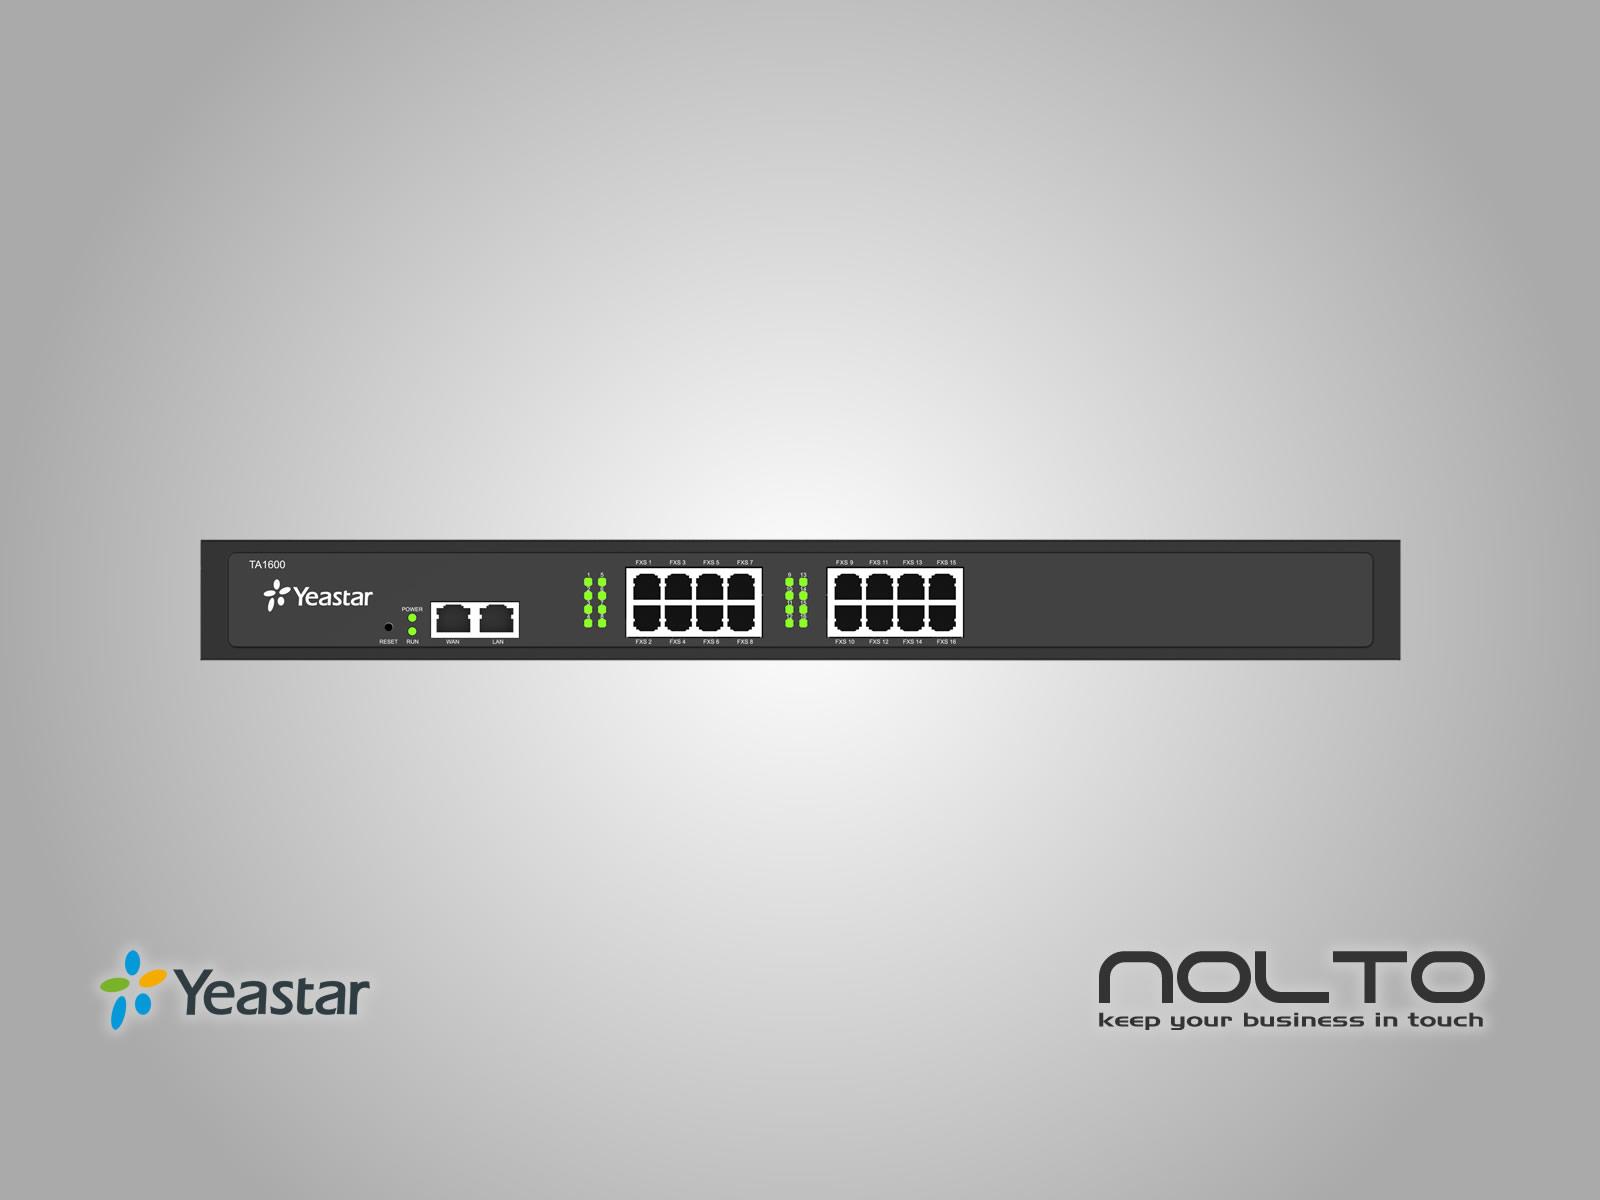 Yeastar TA1600 FXS VoIP Gateway